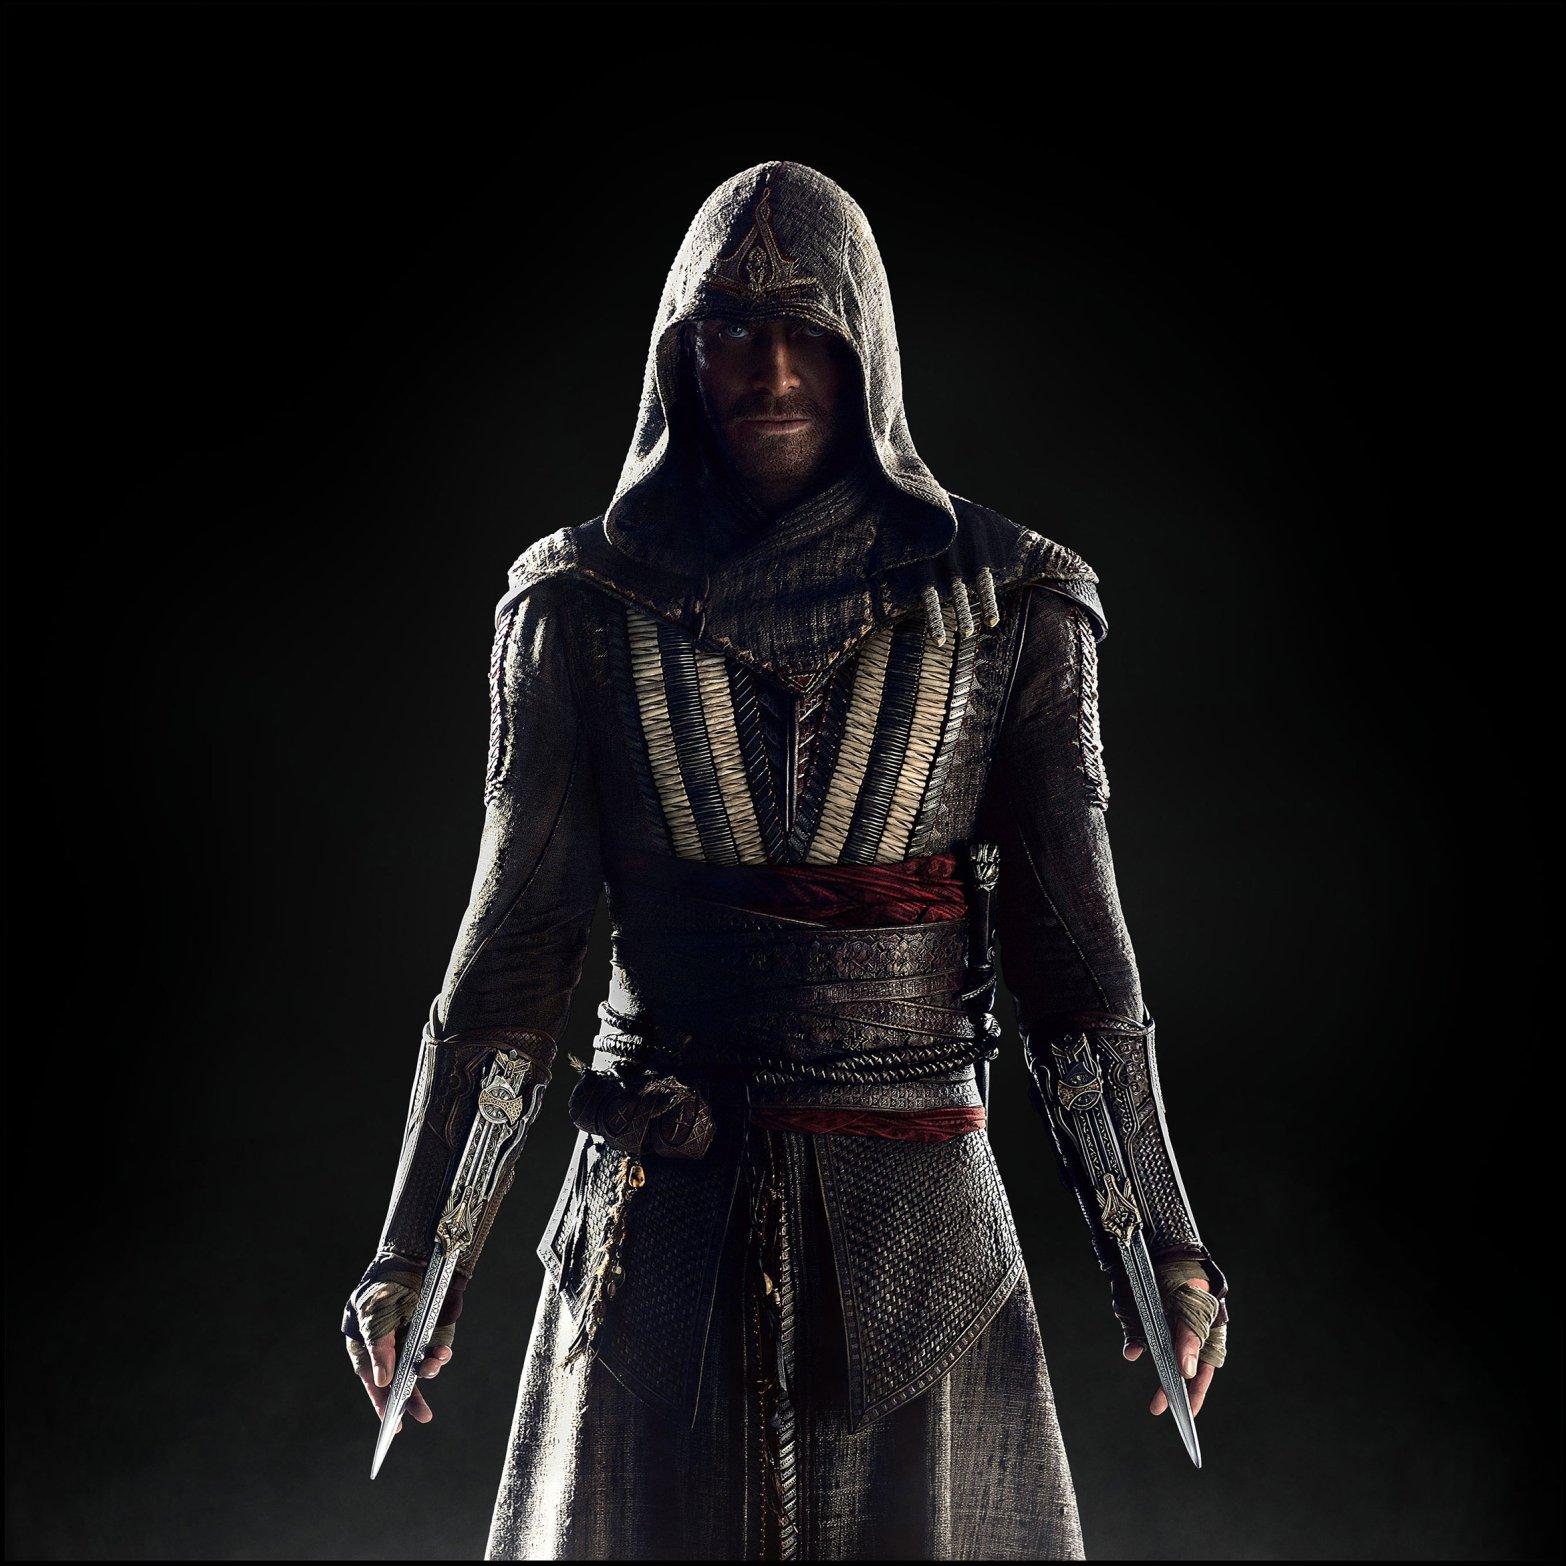 assassin-creed.jpg